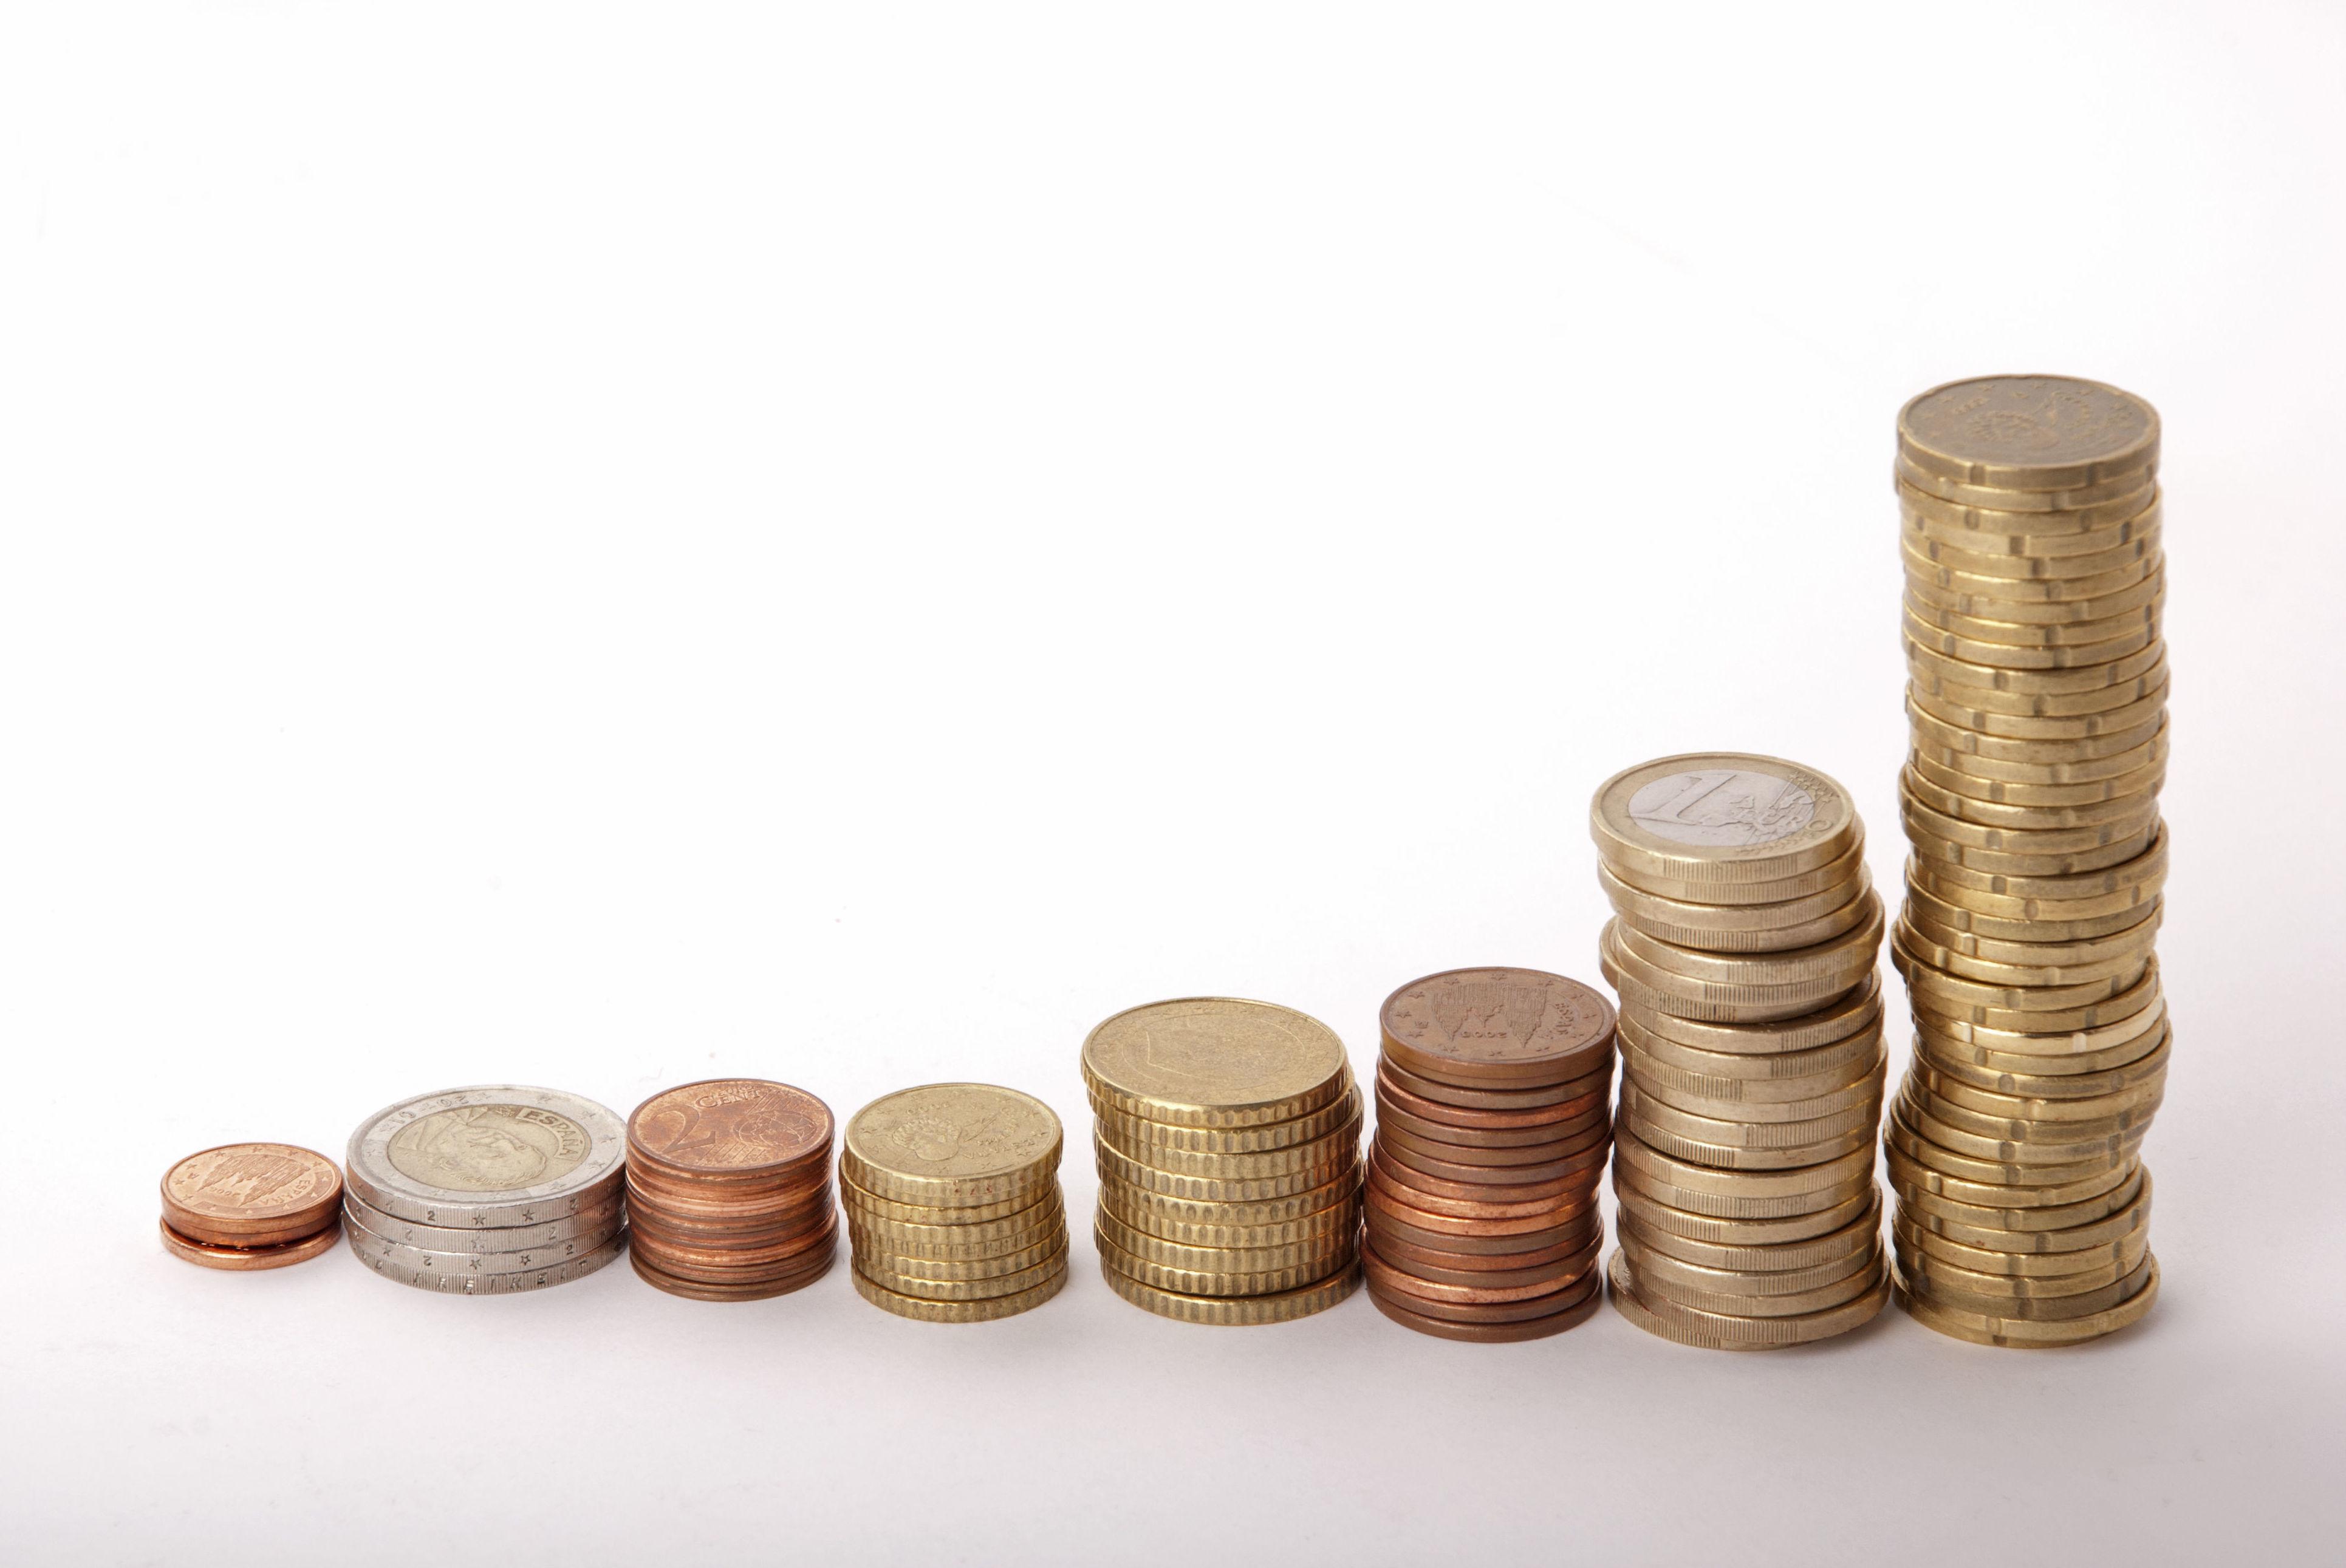 Asesoramiento Fiscal y Tributario: Productos y servicios de Areal Asesoría